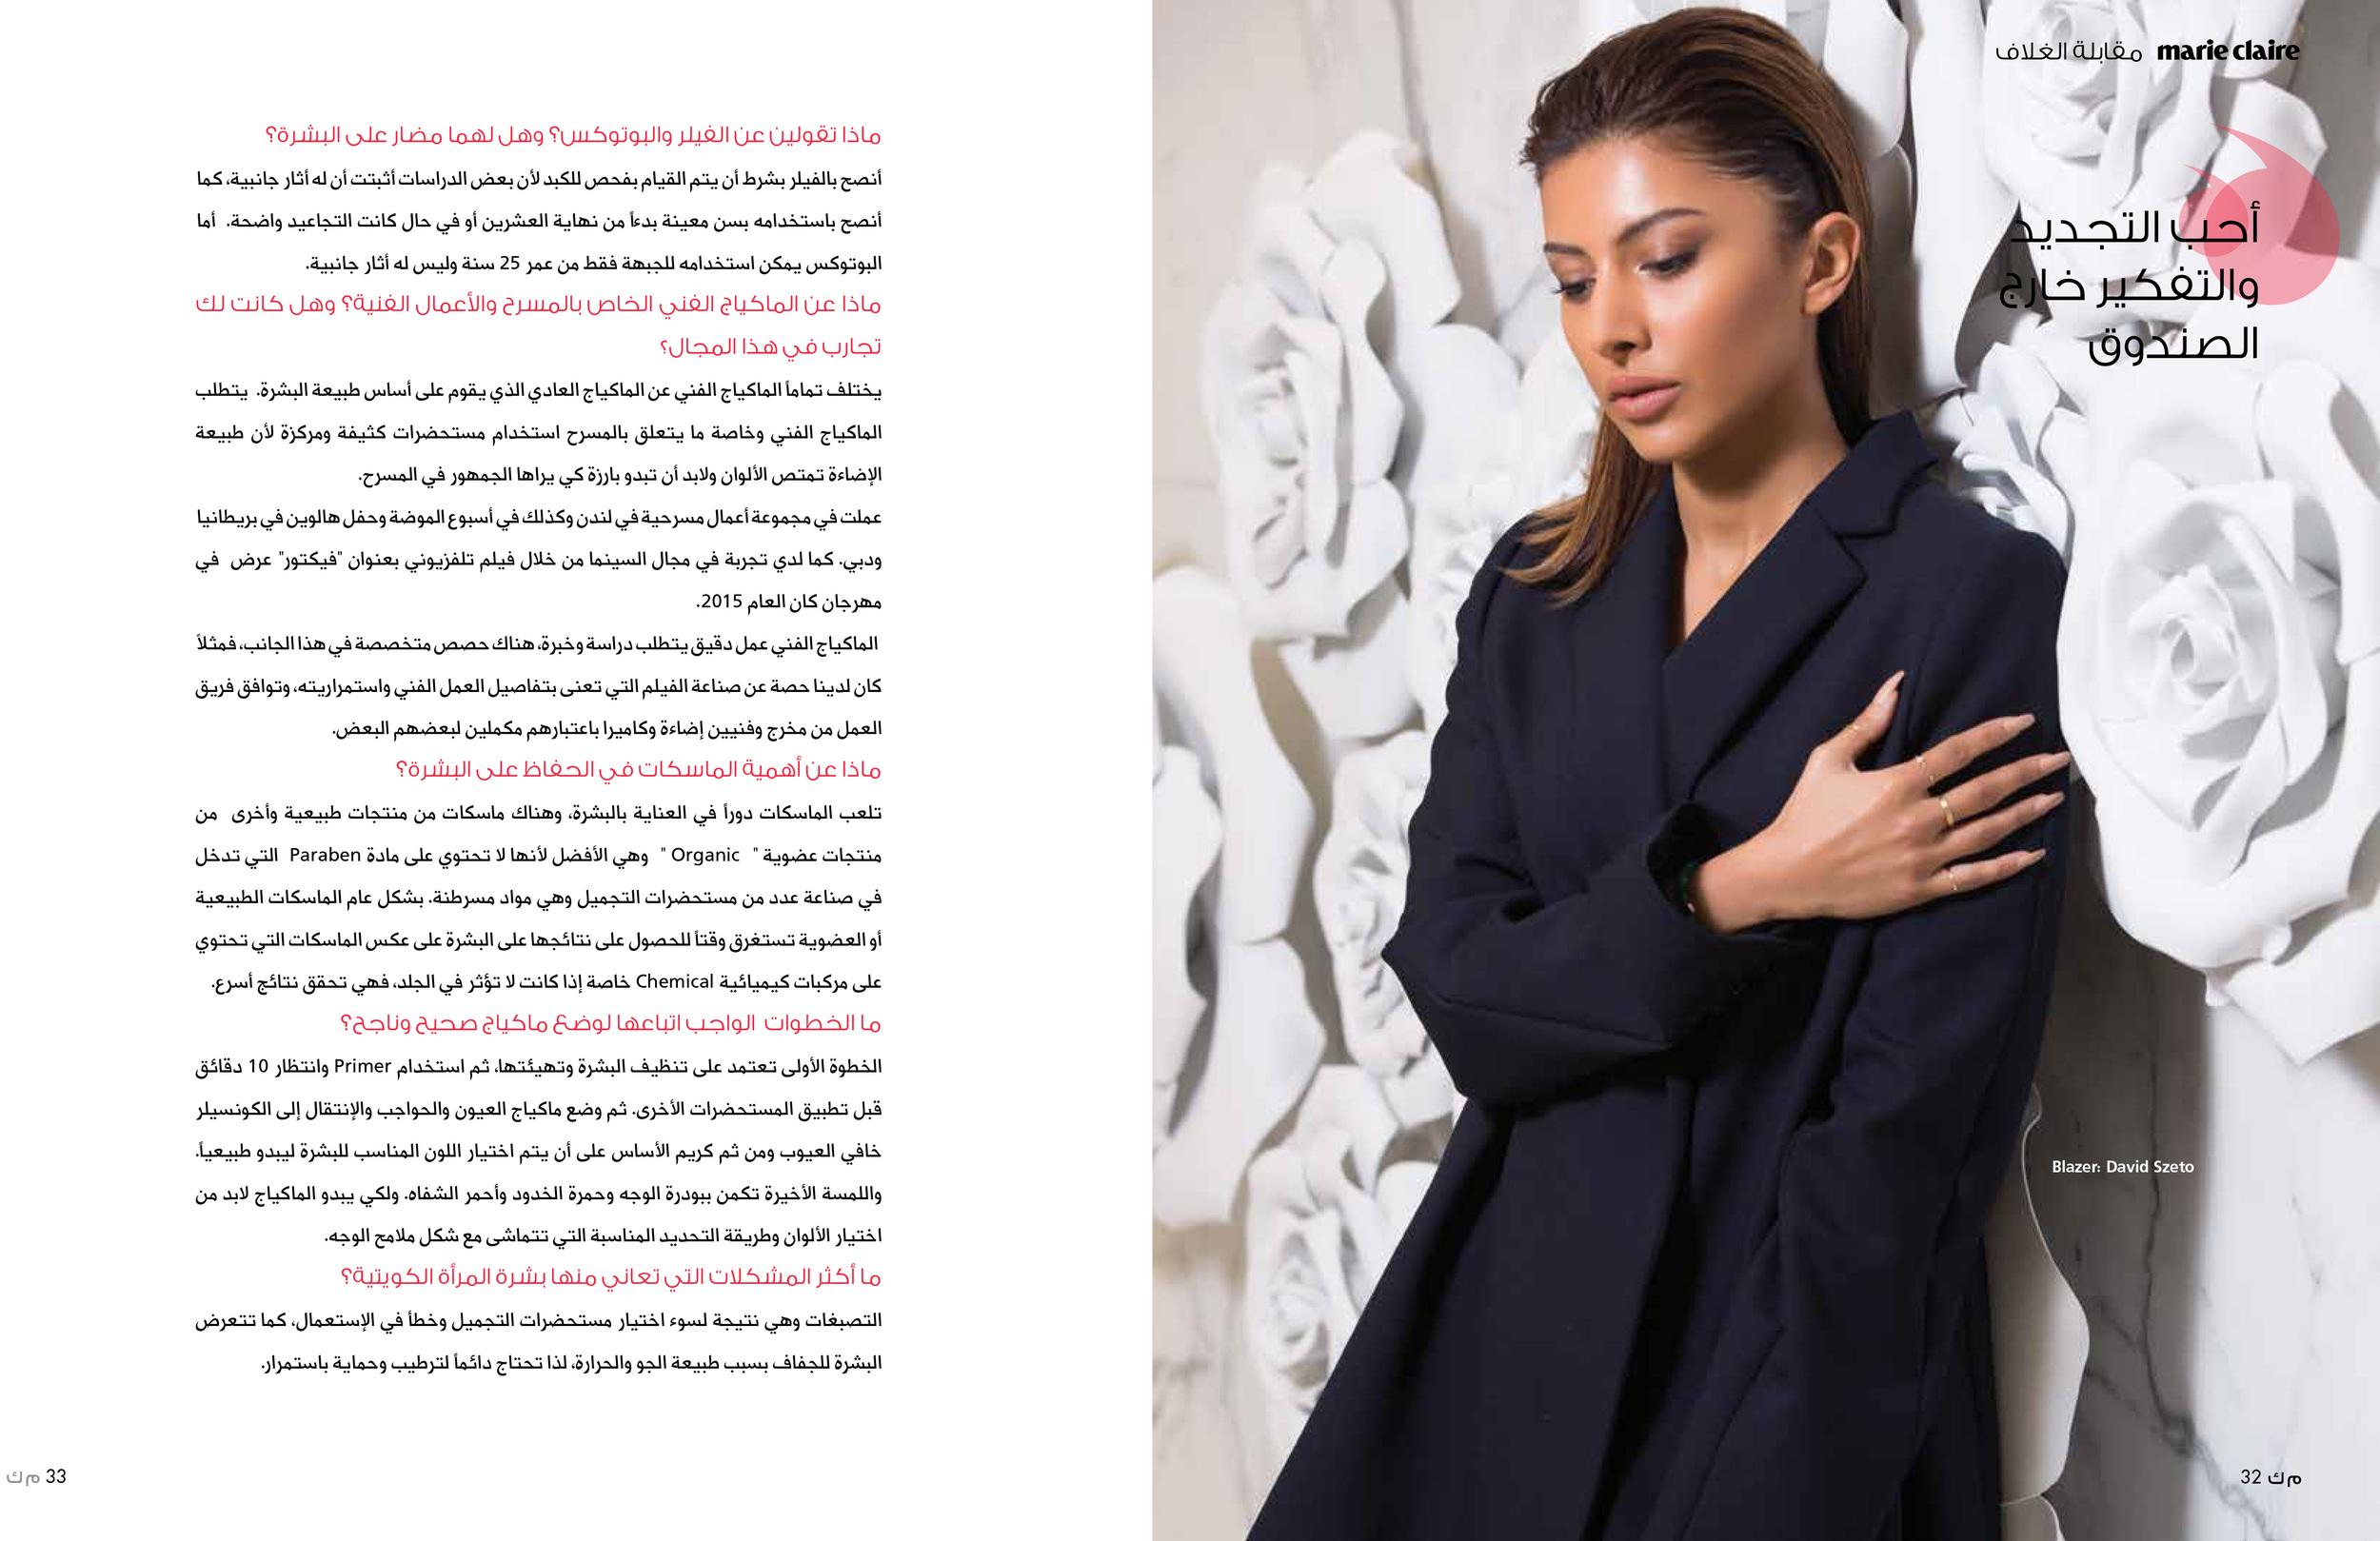 28-cover-story-11p-5.jpg